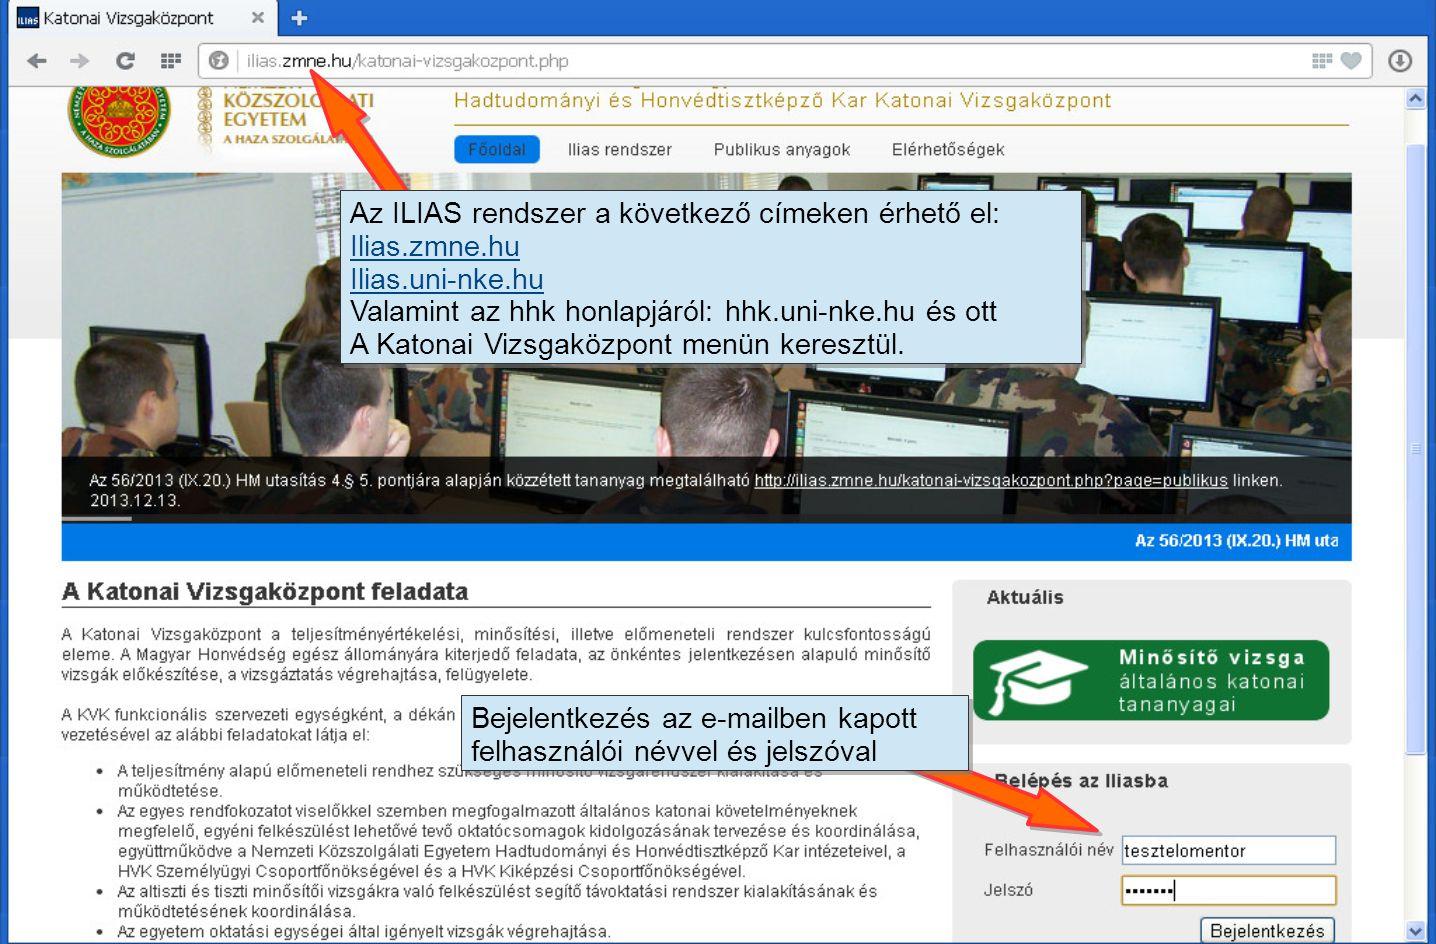 Bejelentkezés az e-mailben kapott felhasználói névvel és jelszóval Az ILIAS rendszer a következő címeken érhető el: Ilias.zmne.hu Ilias.uni-nke.hu Val